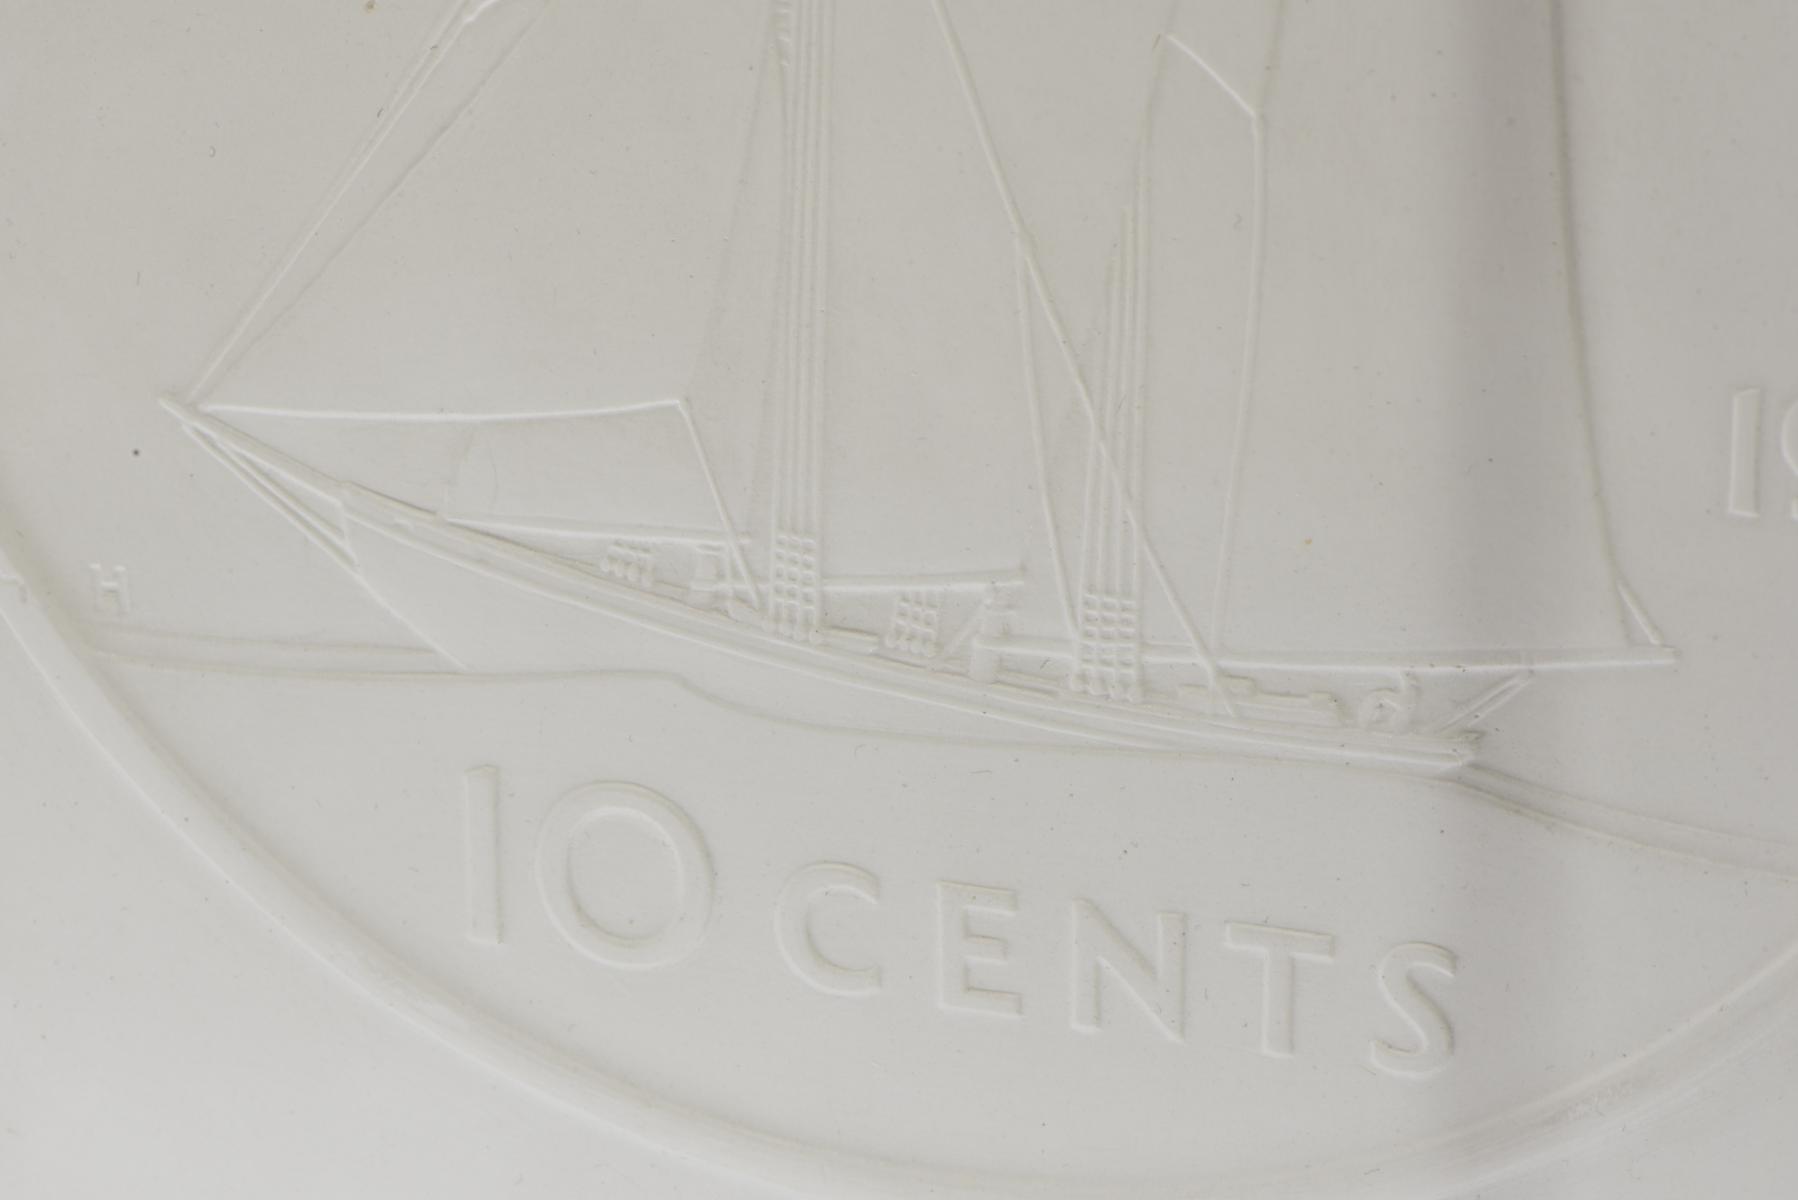 moulage en plâtre d'une pièce canadienne de 10 cents